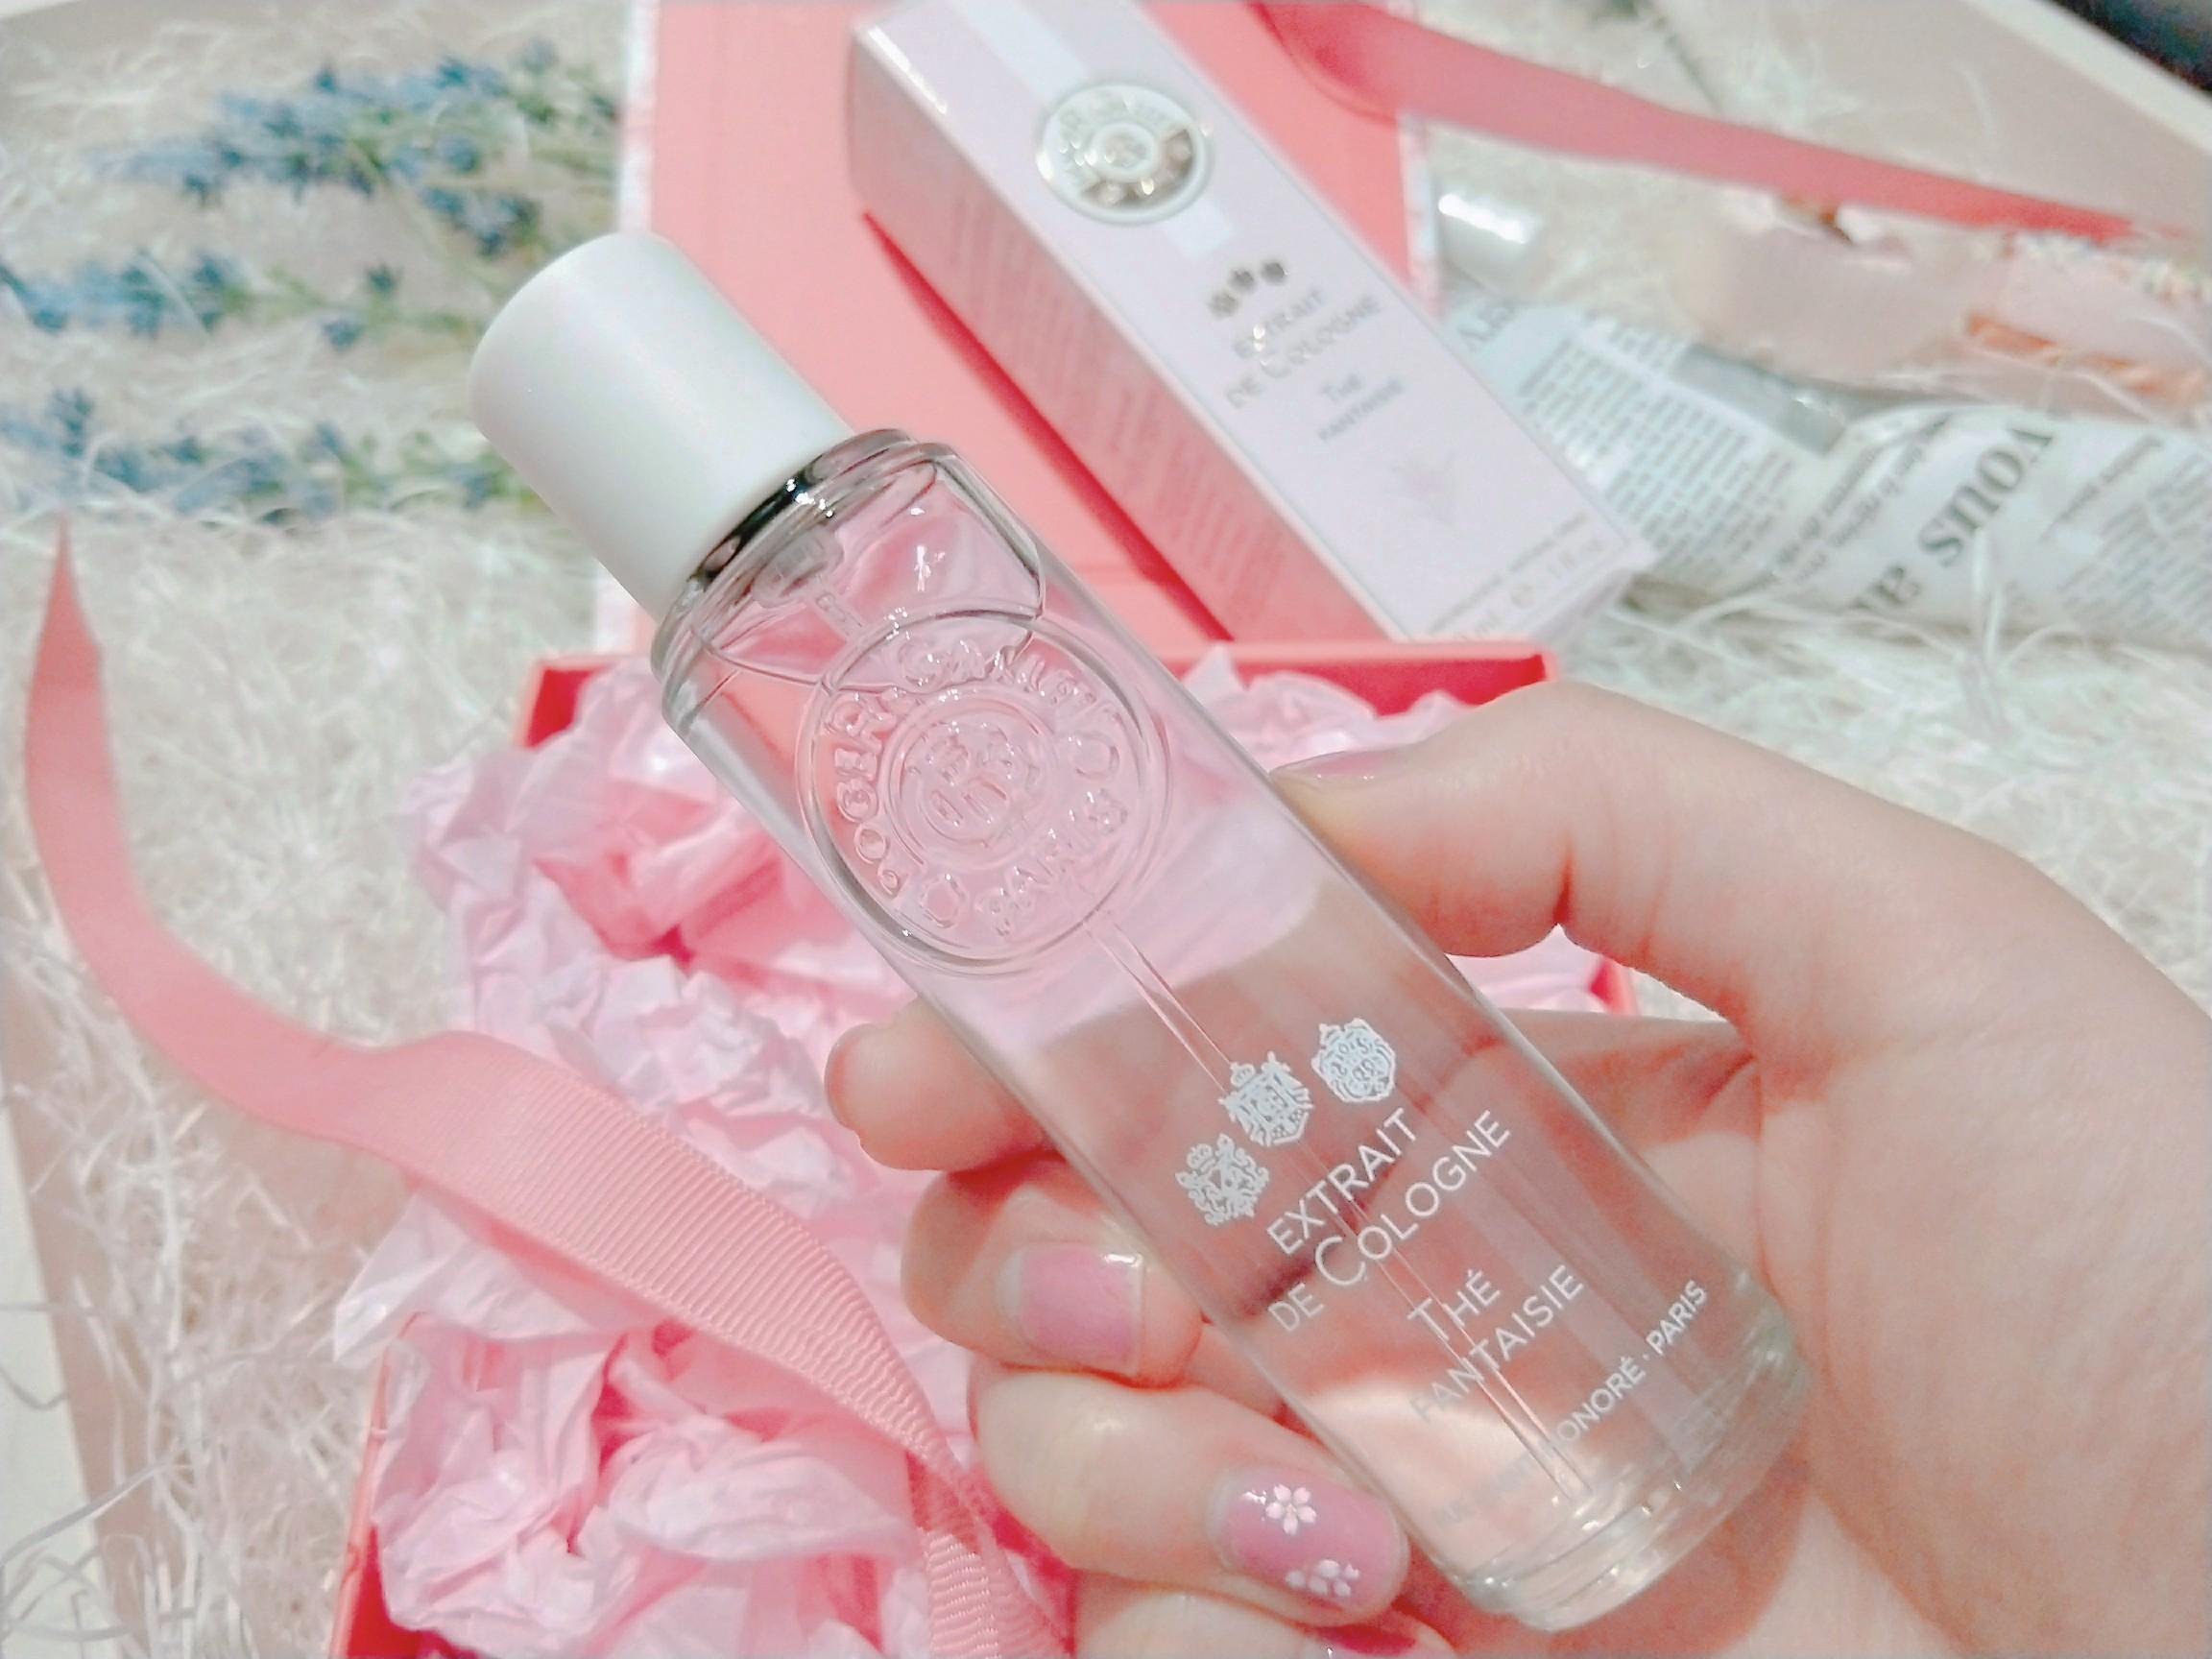 女子力UPフレグランス♡ロジェ・ガレのファンタジーへ導く香りにメロメロ!_2